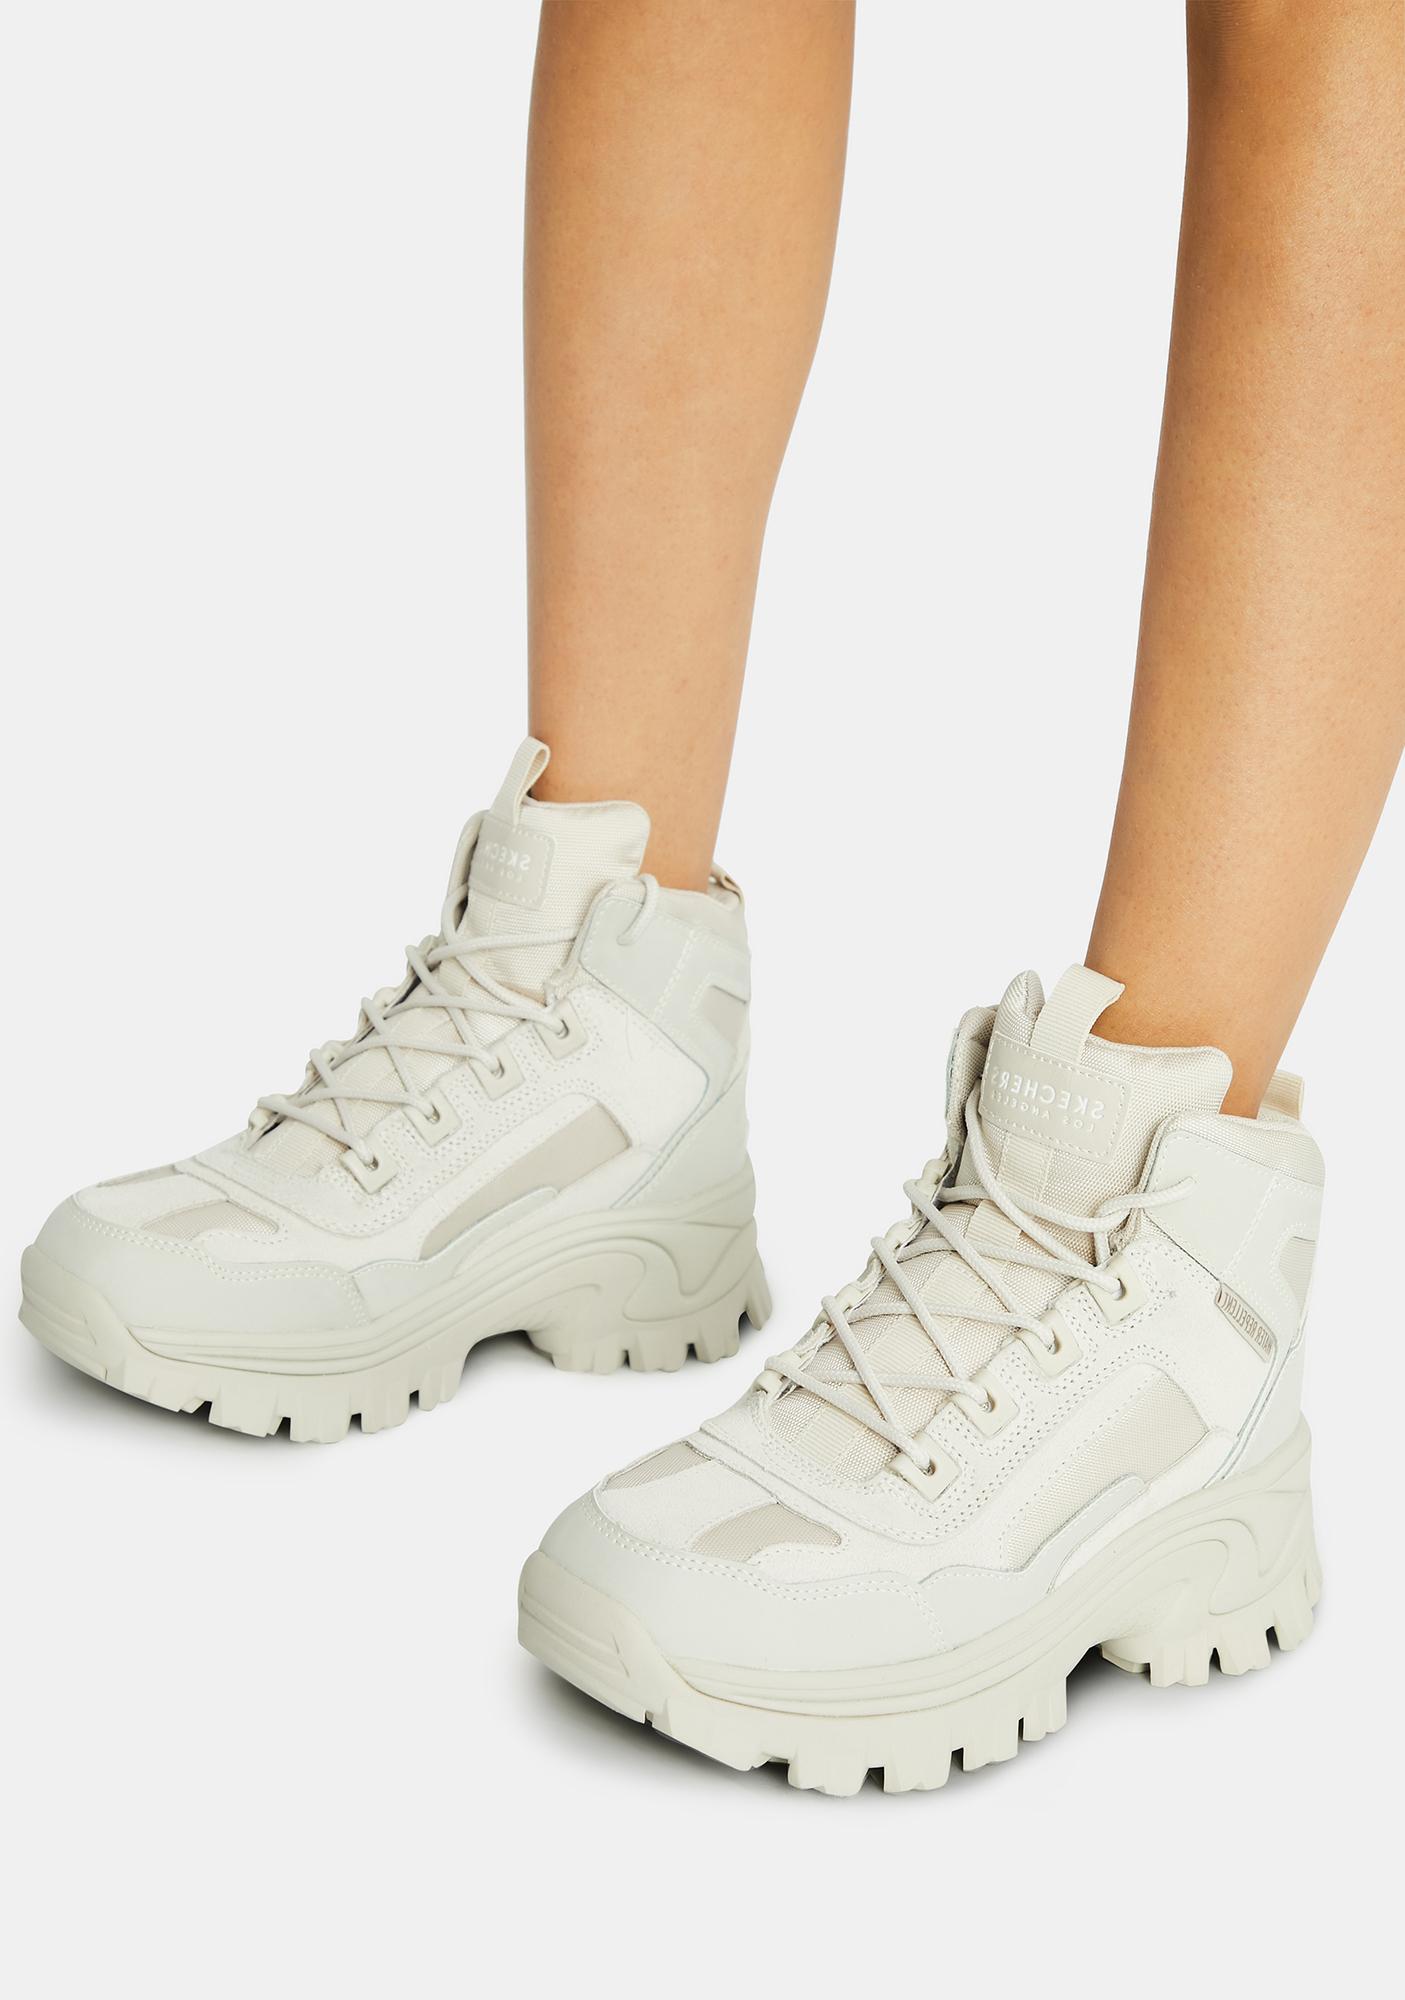 Skechers White Street Blox Block Gawkers Sneakers